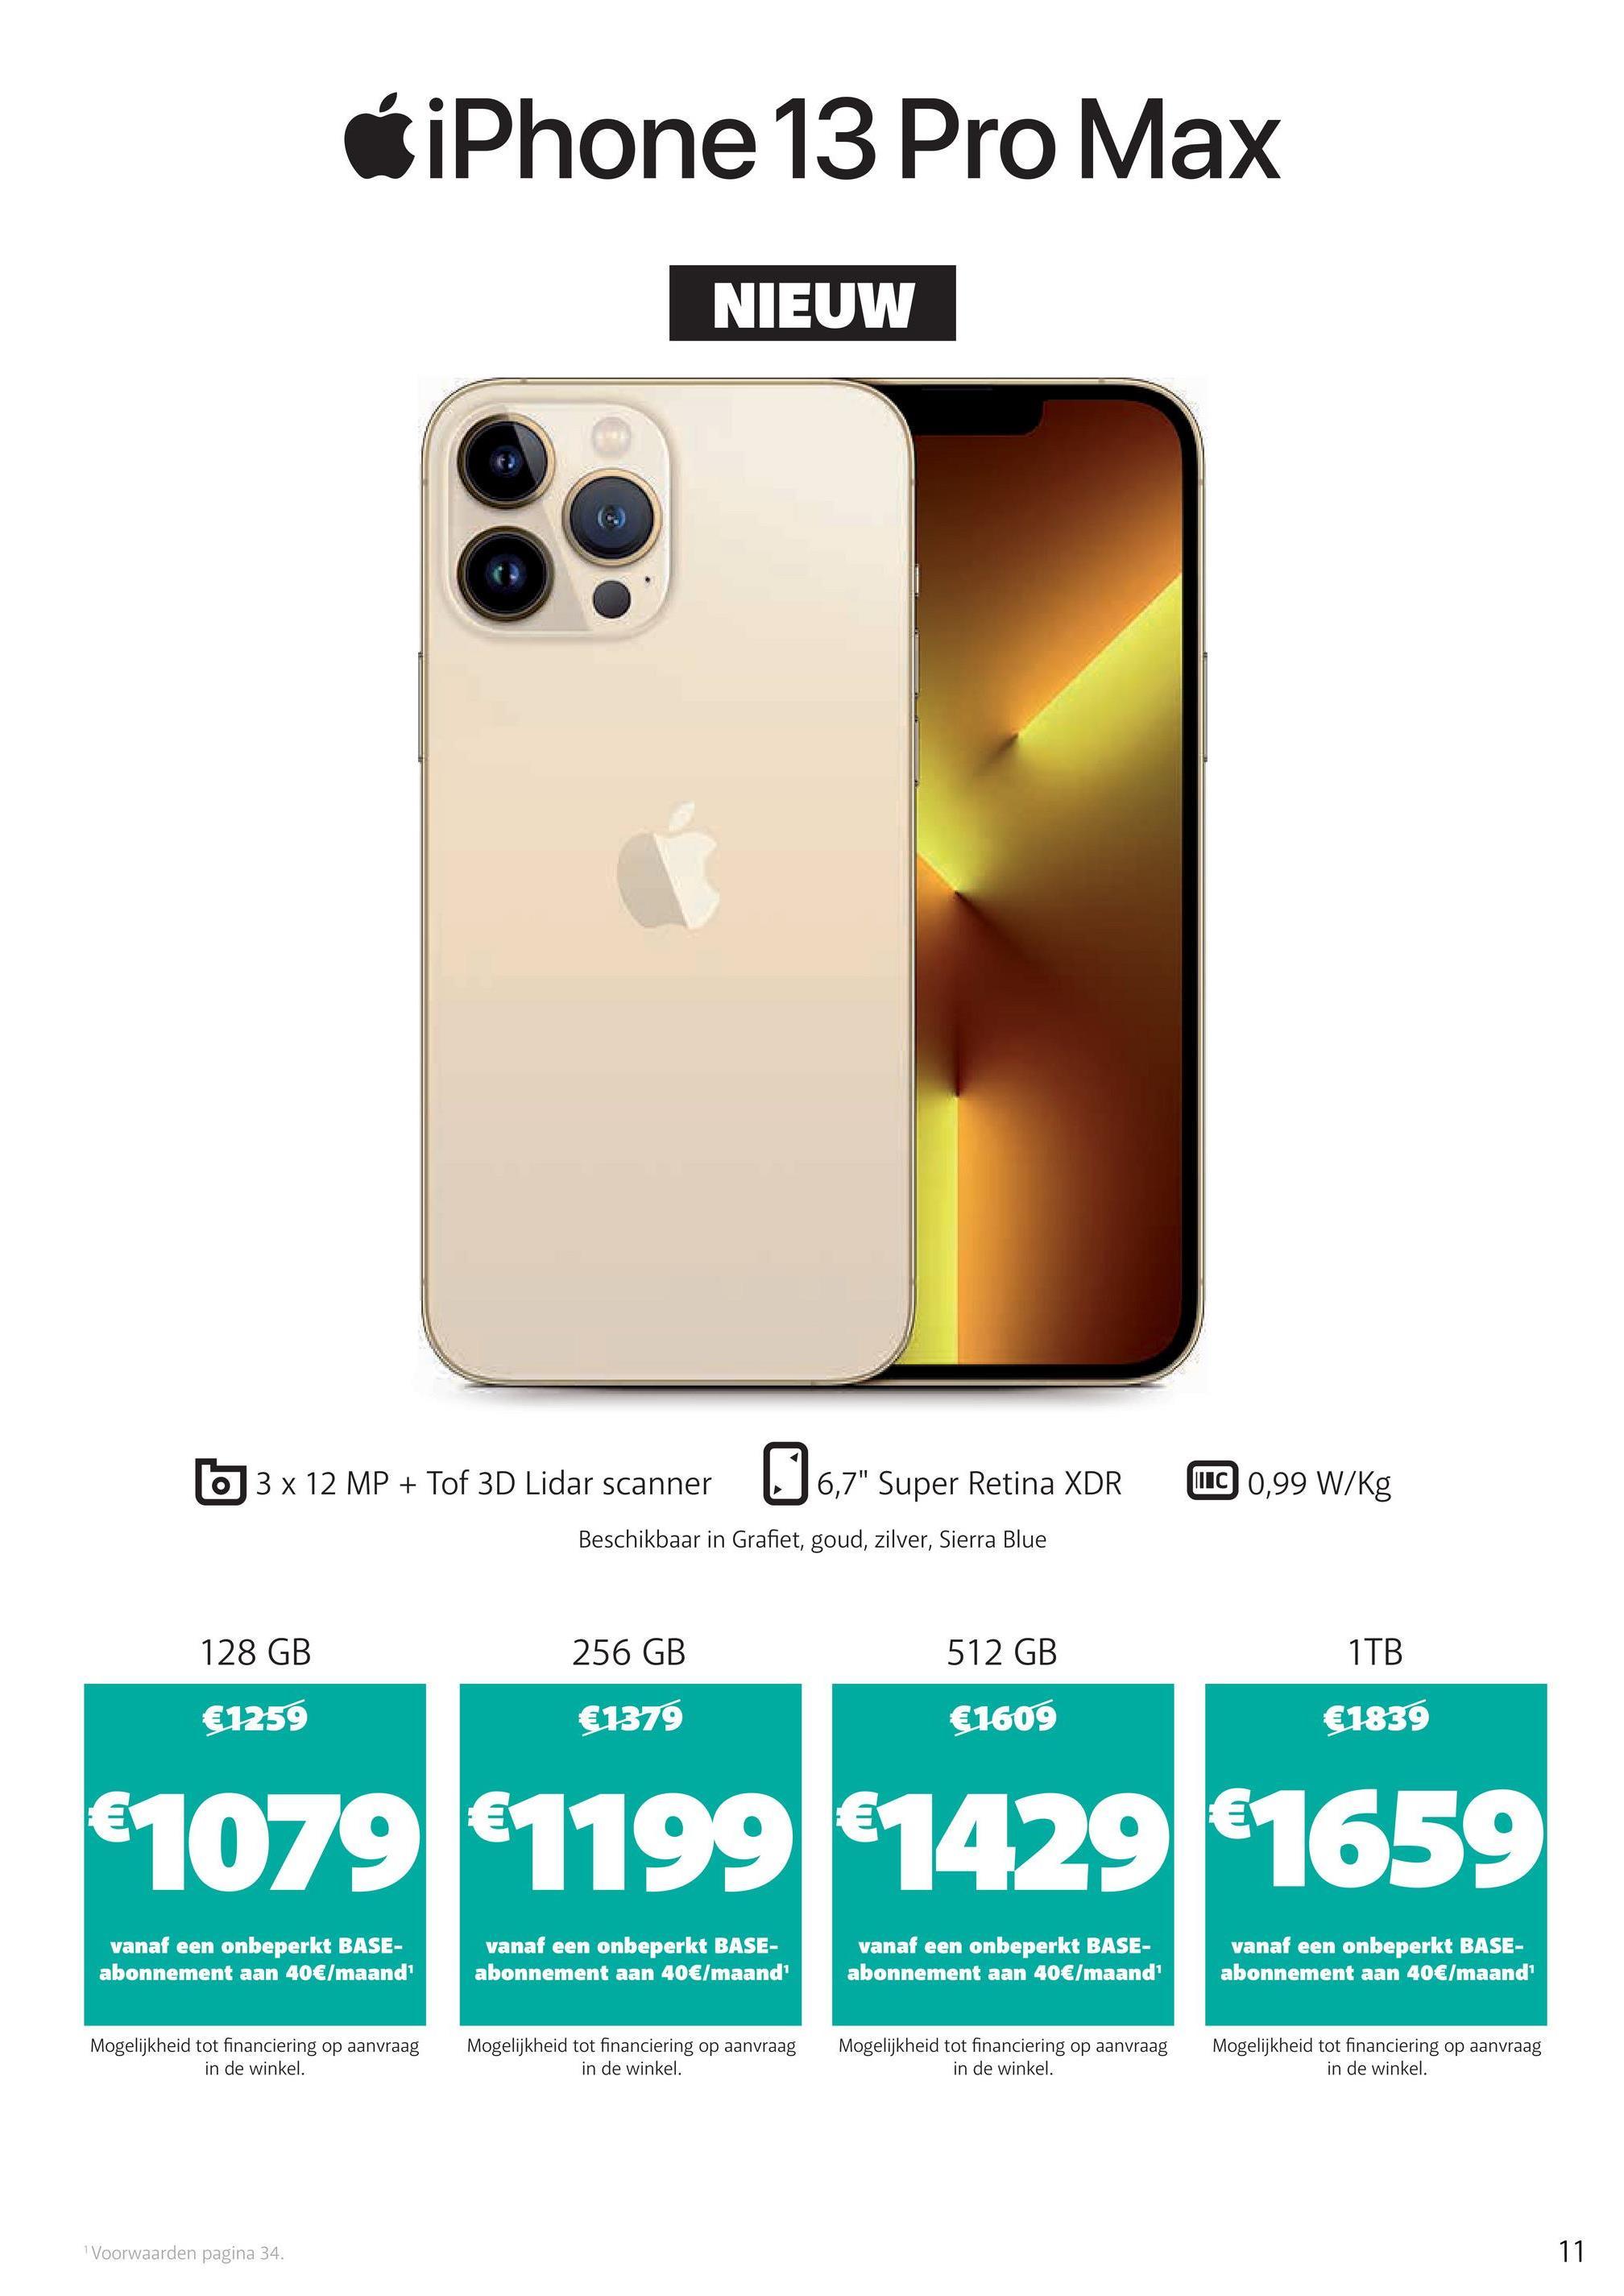 """CiPhone 13 Pro Max NIEUW 3 x 12 MP + Tof 3D Lidar scanner 36,7"""" Super Retina XDR LUC 0,99 W/kg Beschikbaar in Grafiet, goud, zilver, Sierra Blue 128 GB 256 GB 512 GB 1TB €1259 €1379 €1609 €1839 €1079 €1199 €1429 €1659 vanaf een onbeperkt BASE- abonnement aan 40€/maand vanaf een onbeperkt BASE- abonnement aan 40€/maand vanaf een onbeperkt BASE- abonnement aan 40€/maand vanaf een onbeperkt BASE- abonnement aan 40€/maand Mogelijkheid tot financiering op aanvraag in de winkel. Mogelijkheid tot financiering op aanvraag in de winkel. Mogelijkheid tot financiering op aanvraag in de winkel. Mogelijkheid tot financiering op aanvraag in de winkel. Voorwaarden pagina 34. 11"""